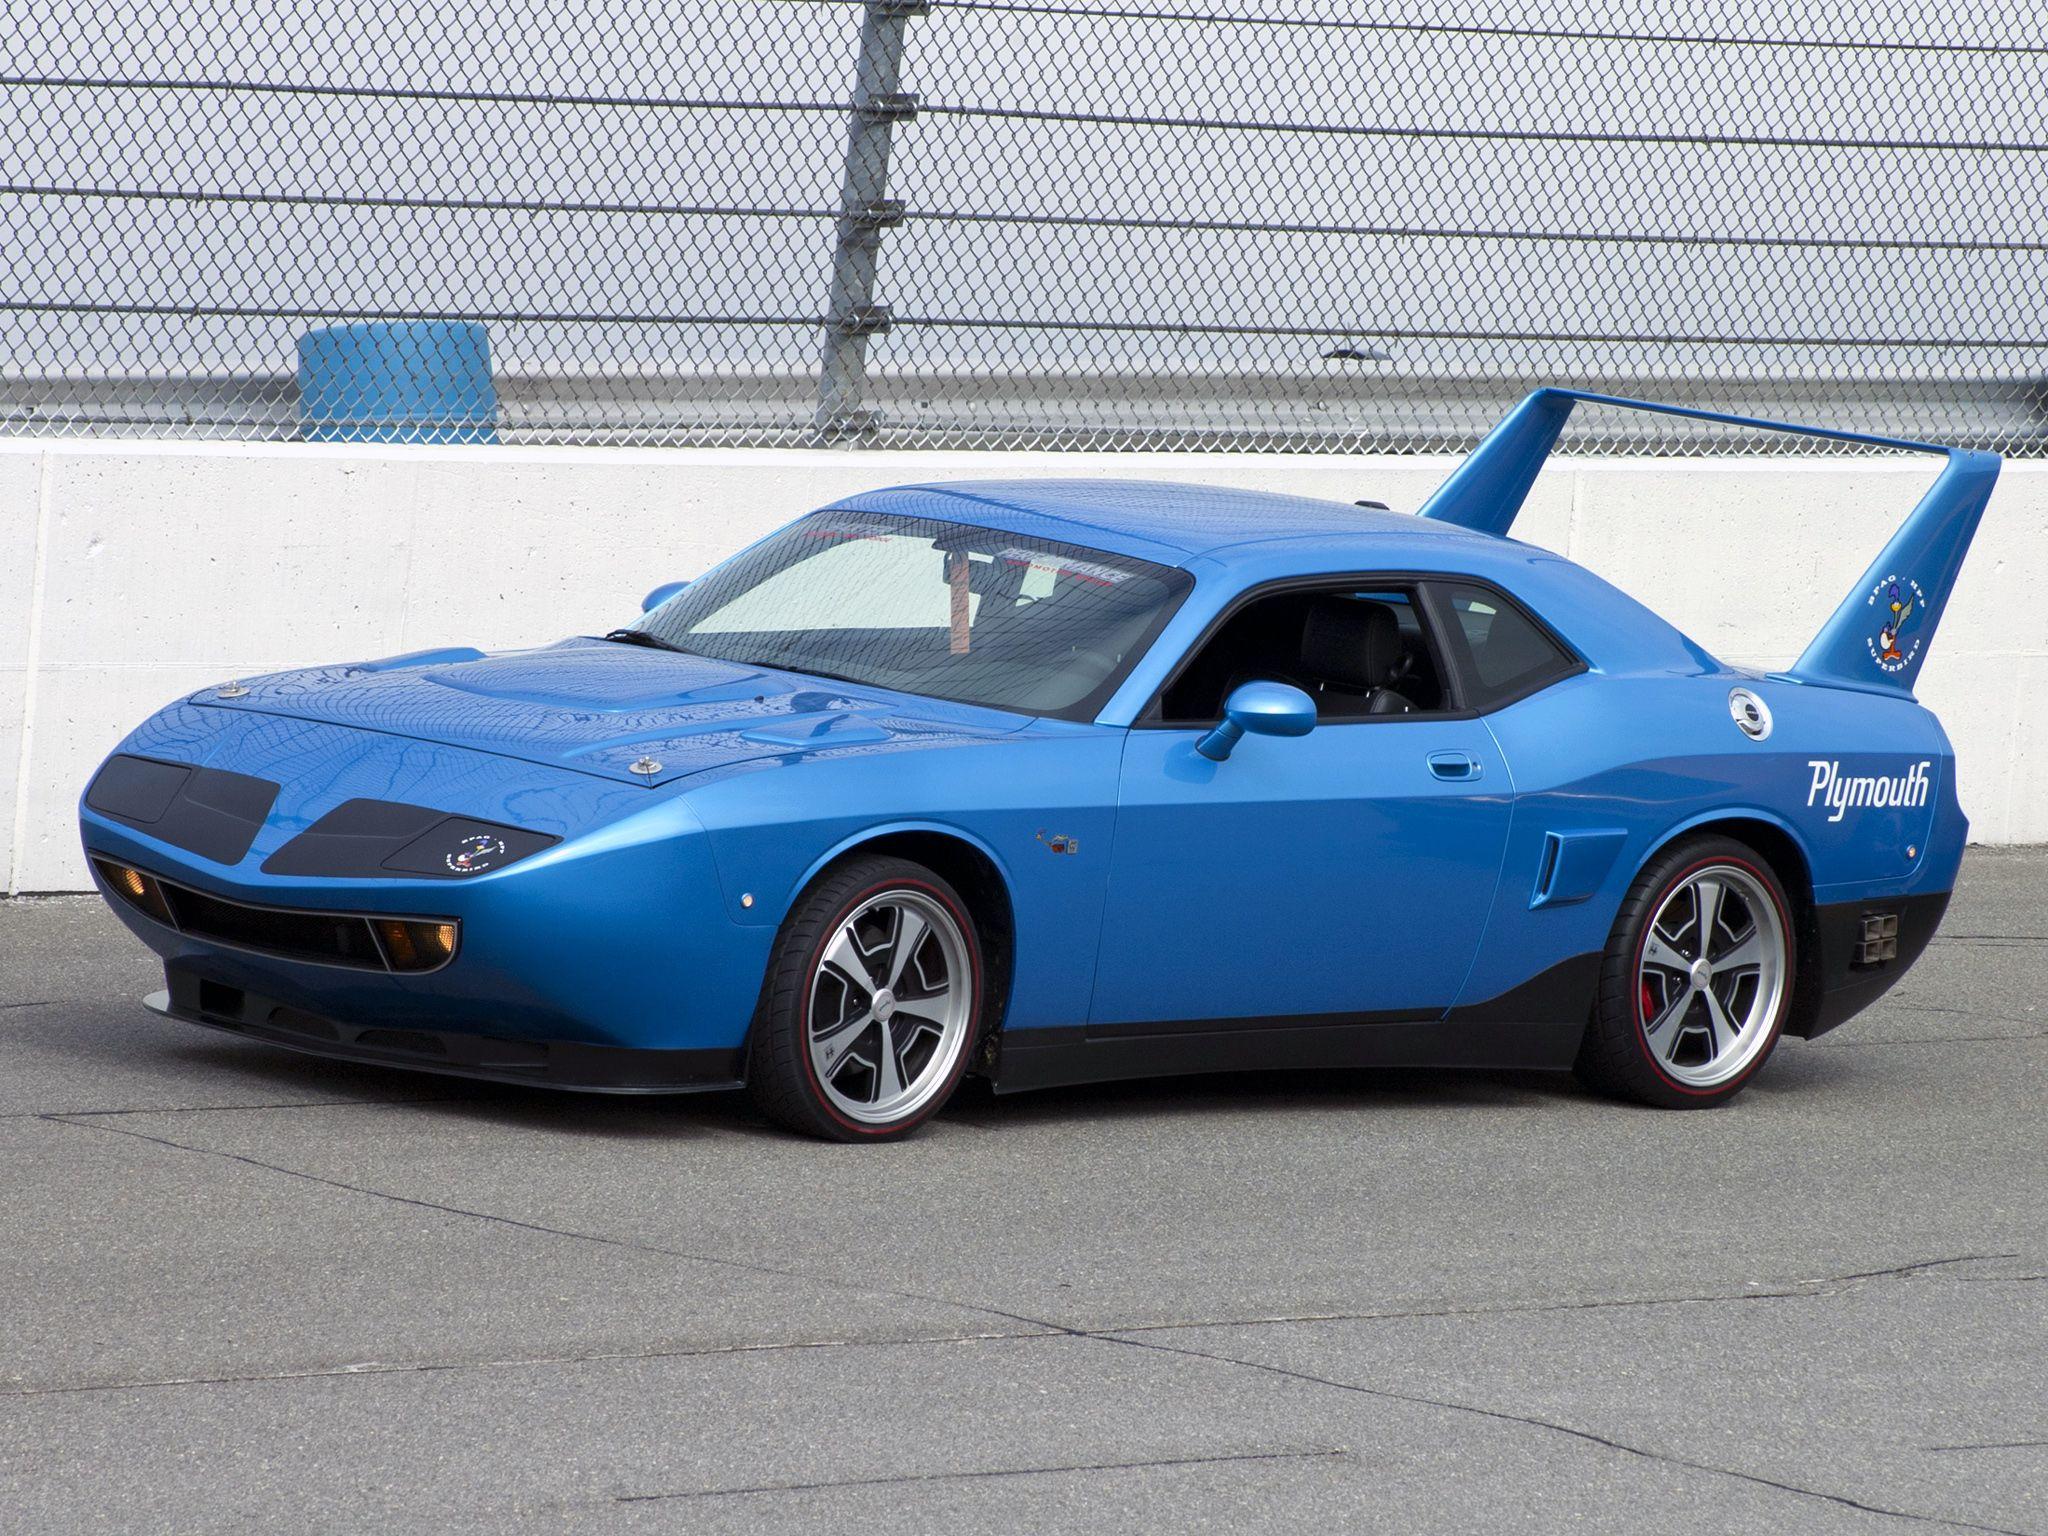 Awesome! Modern Daytona/Roadrunner   Cars & Bikes   Pinterest ...